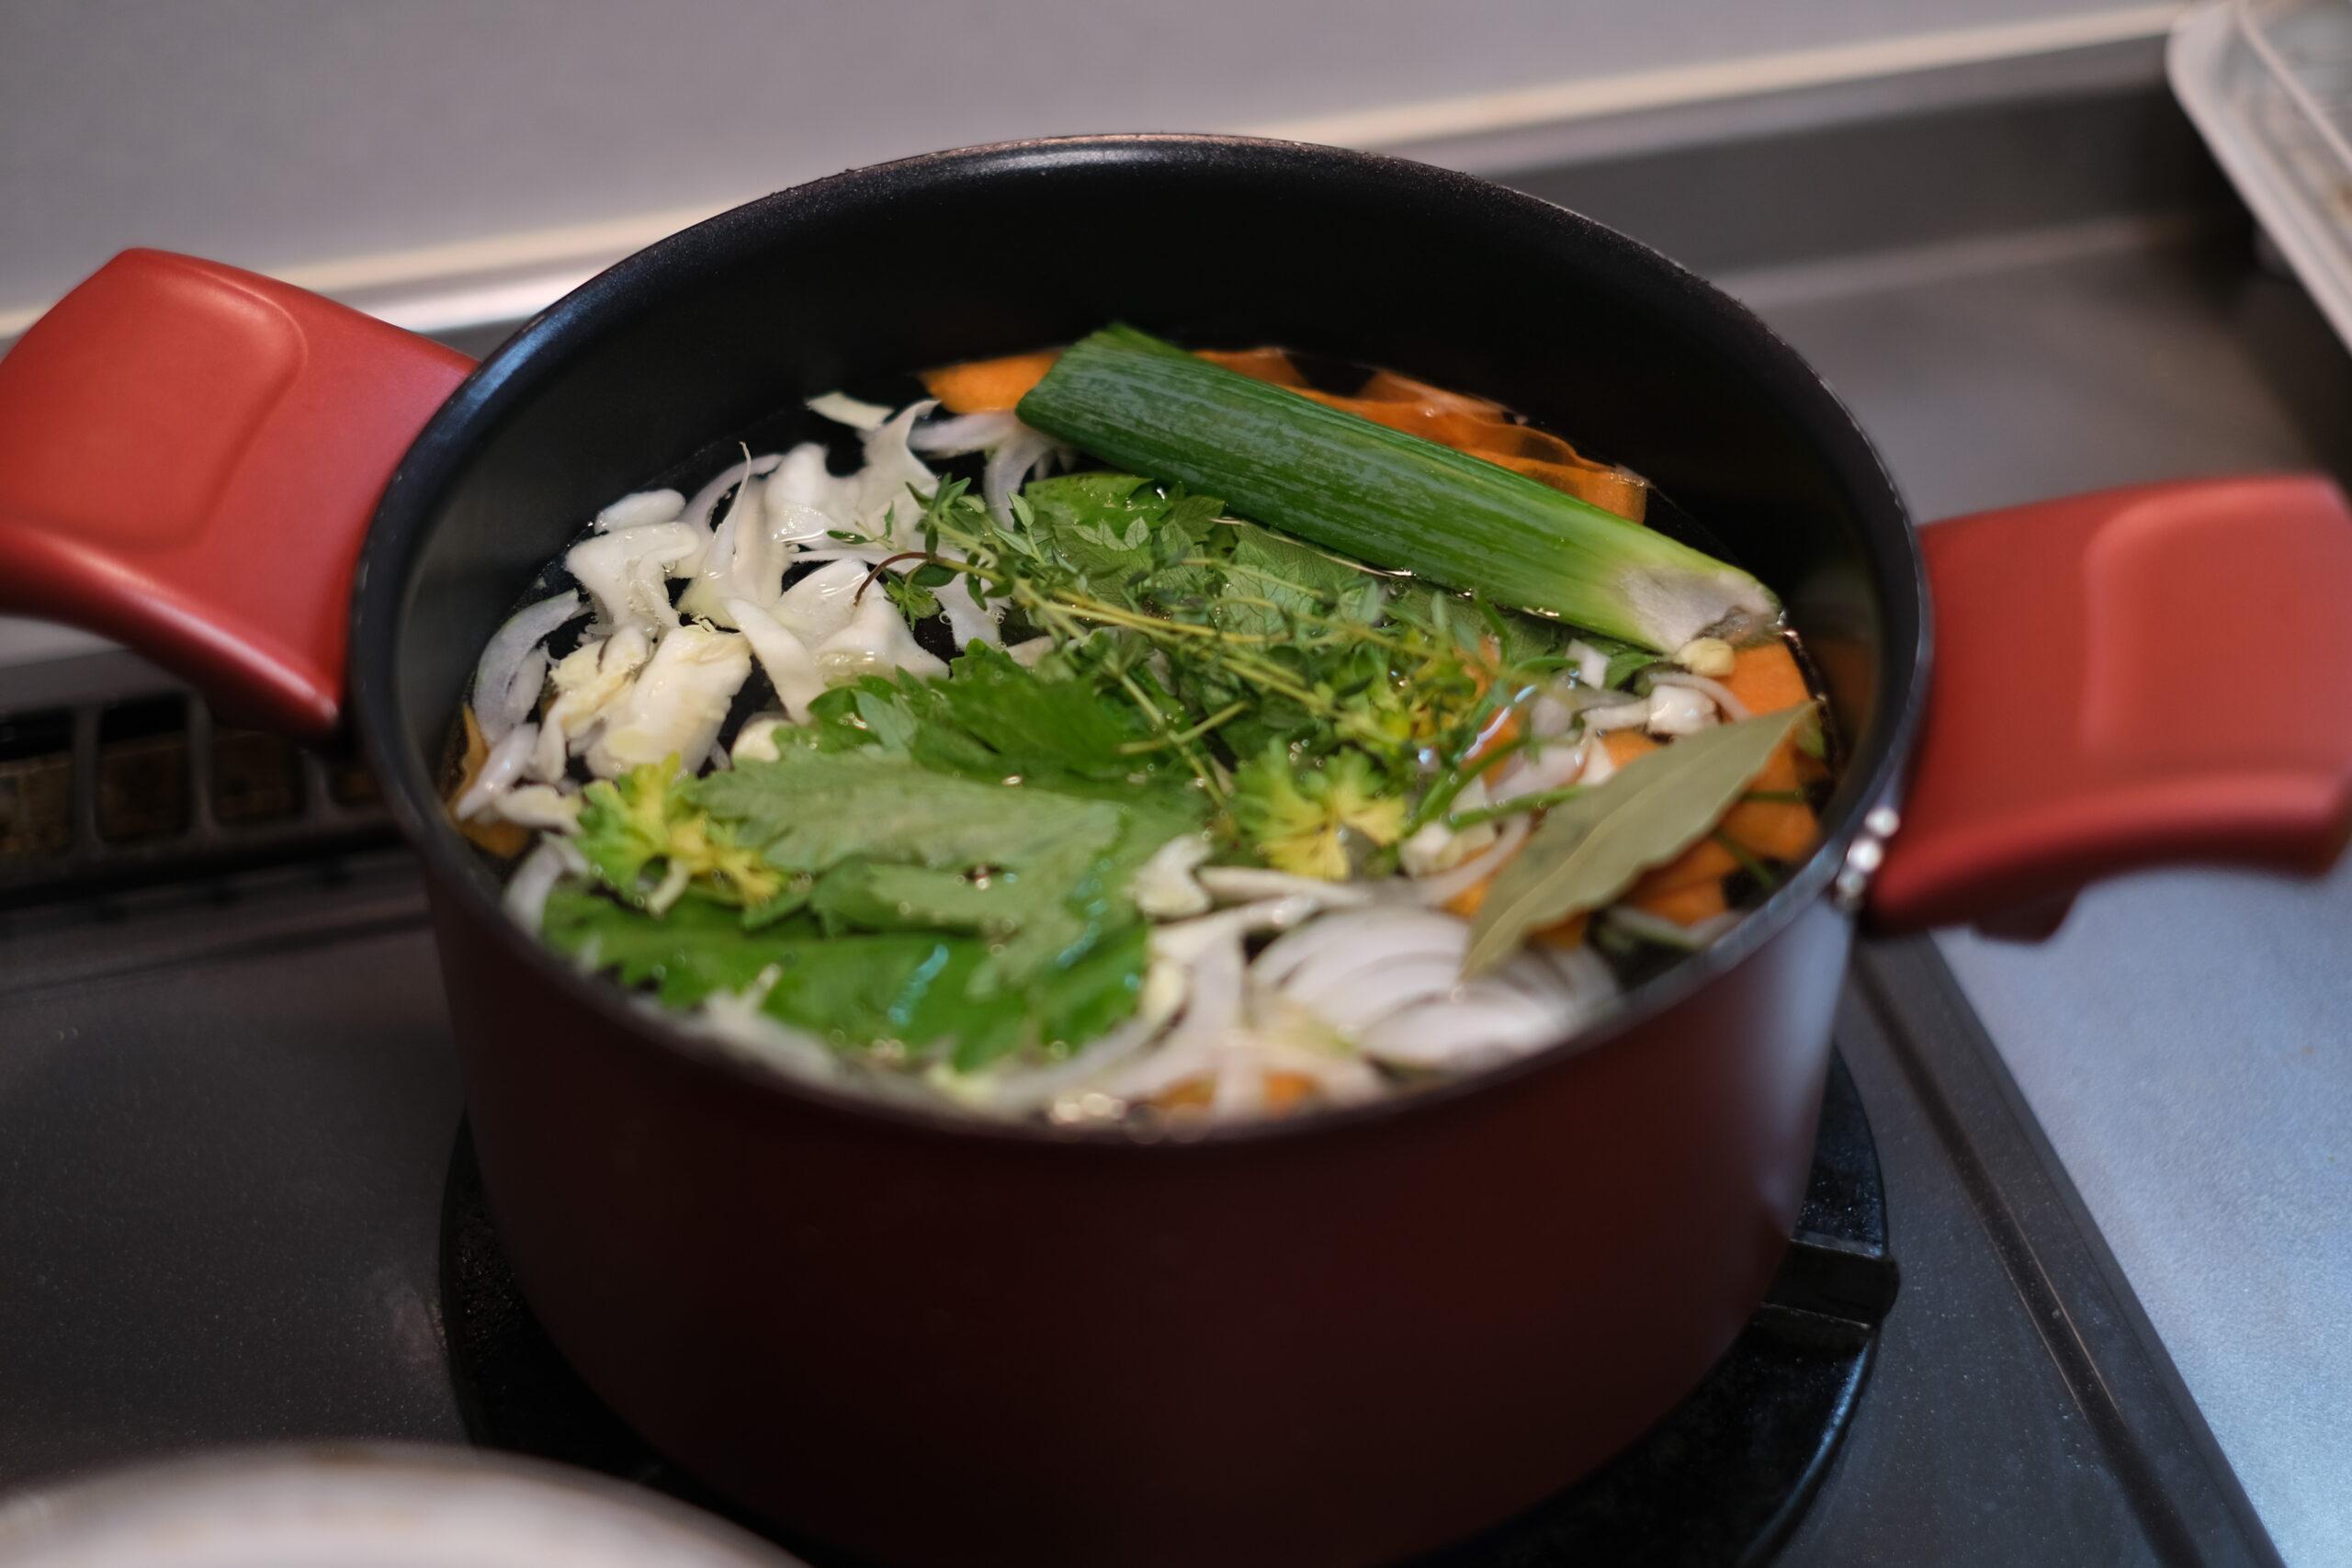 端材野菜でだし汁を取っている様子の画像です